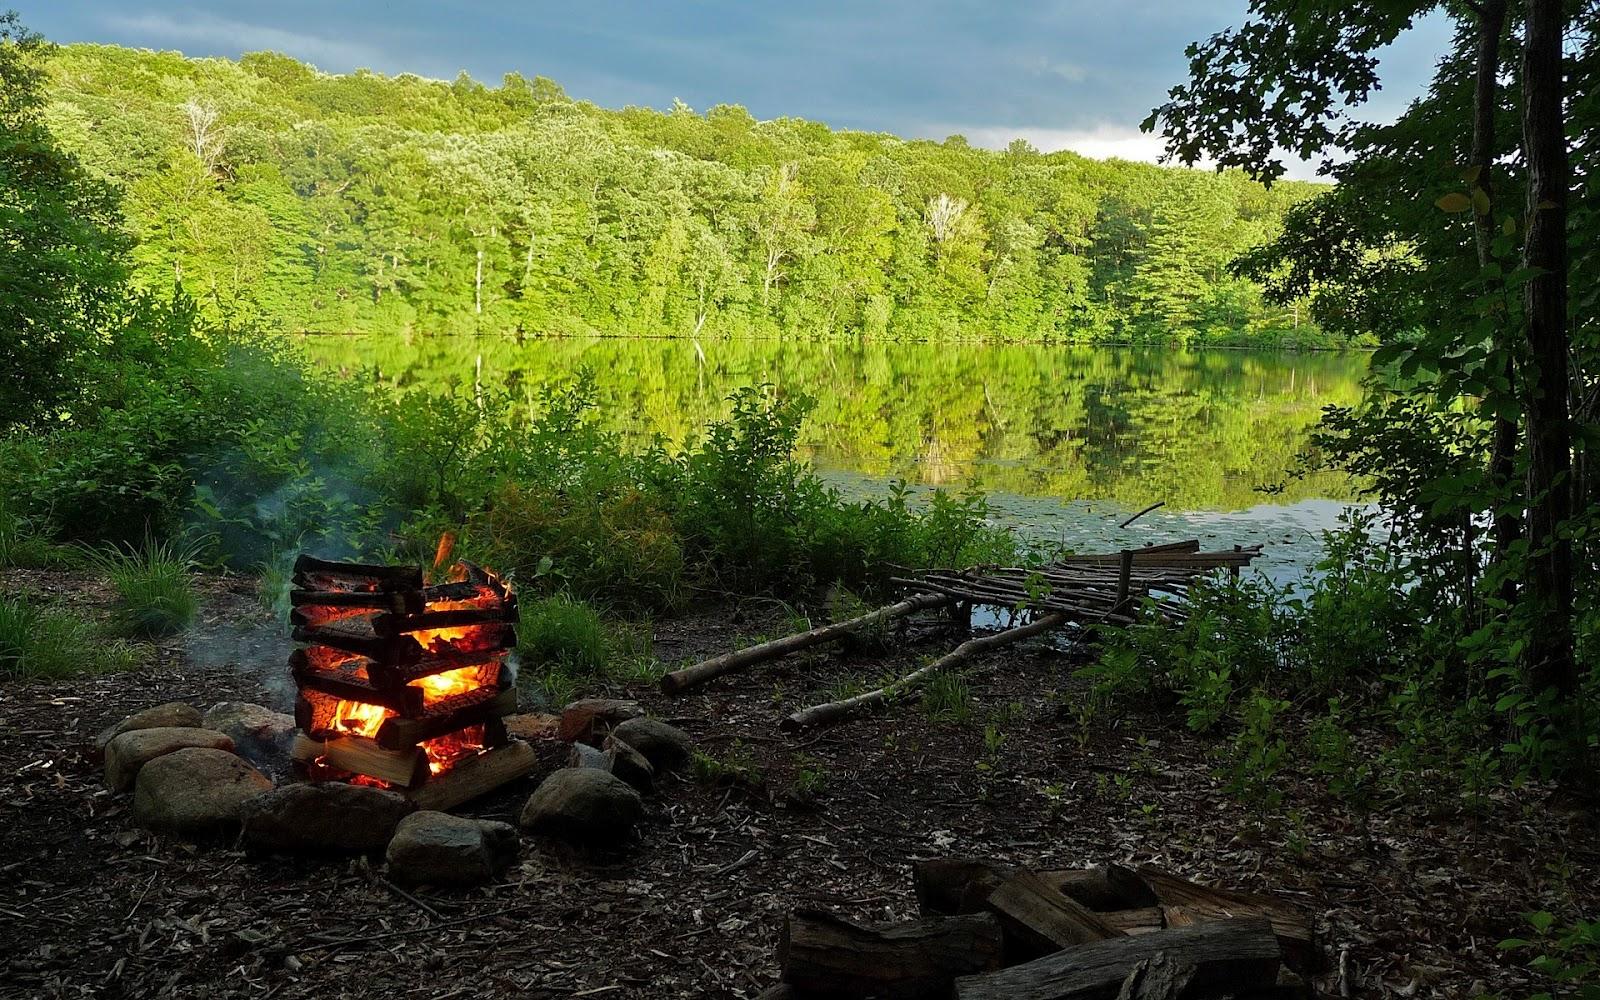 Free Camping Desktop Wallpaper - WallpaperSafari Camping Forest Wallpaper